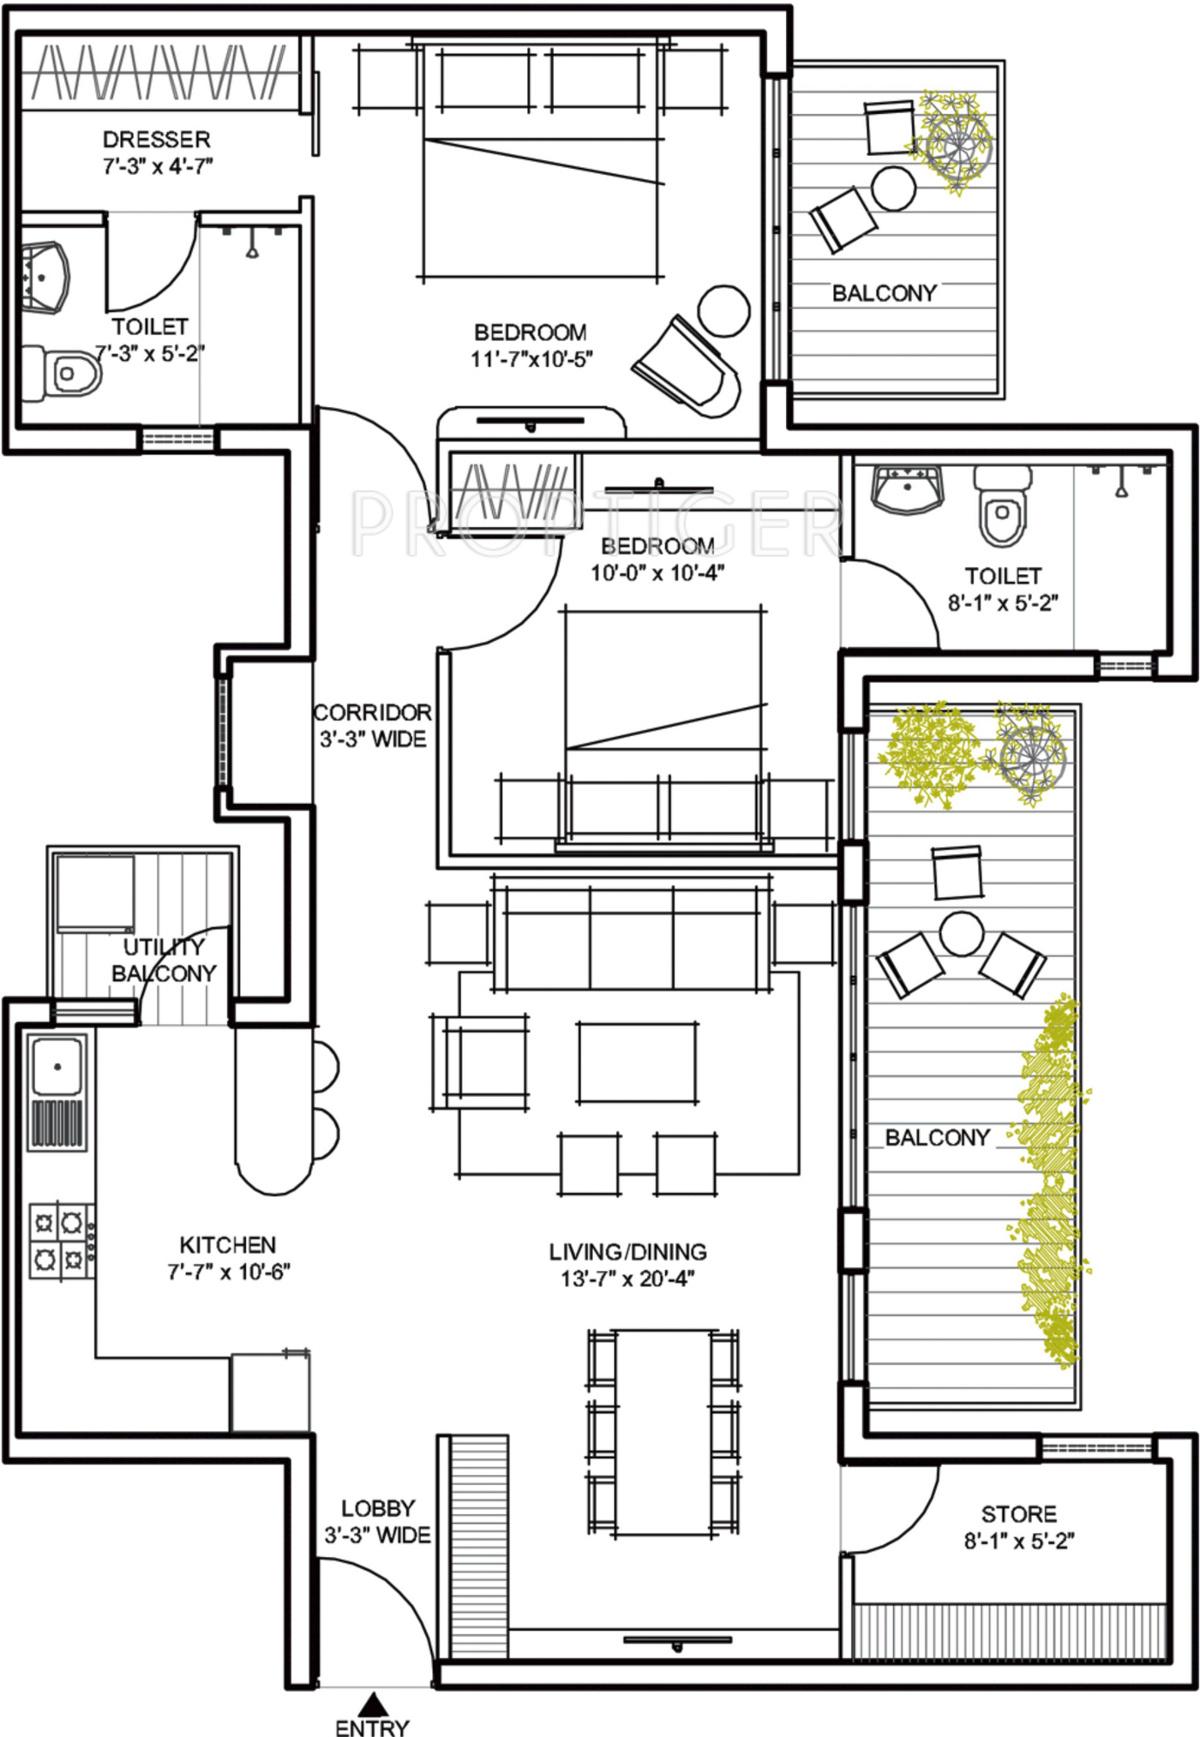 Spire Floor Plans Denver Thefloors Co